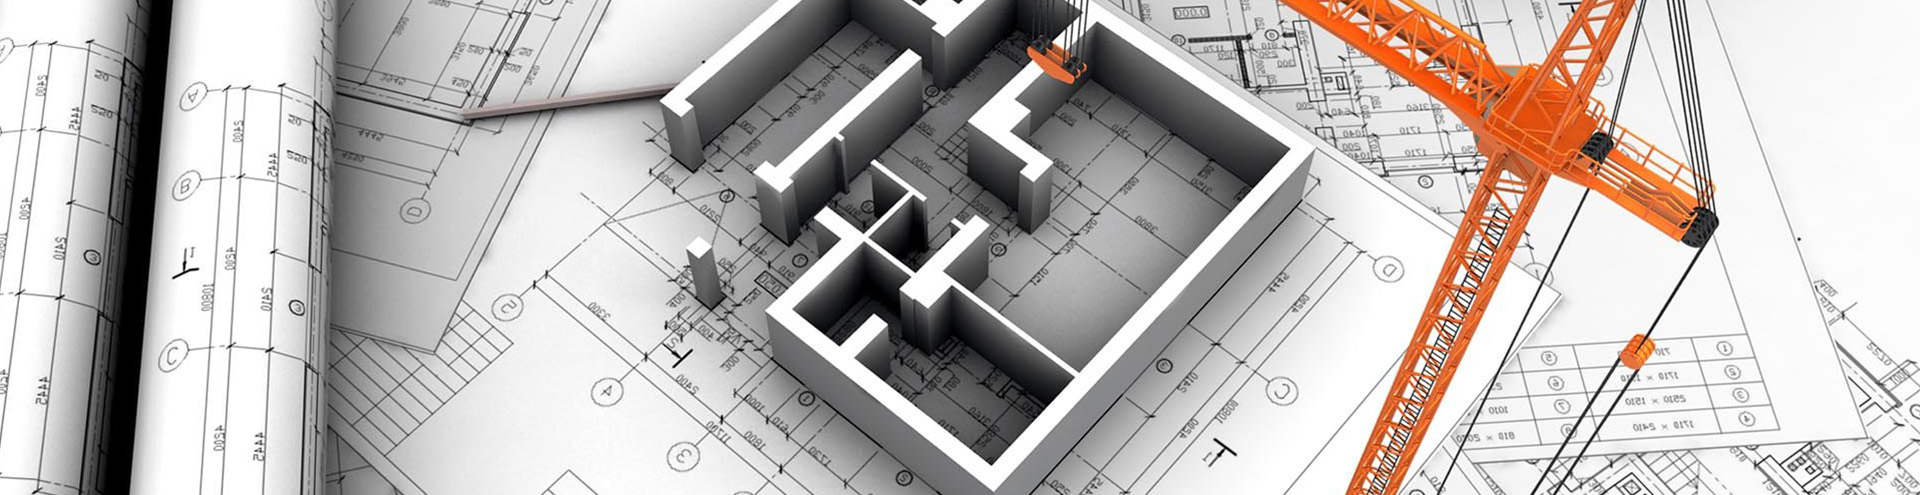 Получение разрешения на реконструкцию здания в Краснодаре и Краснодарском крае